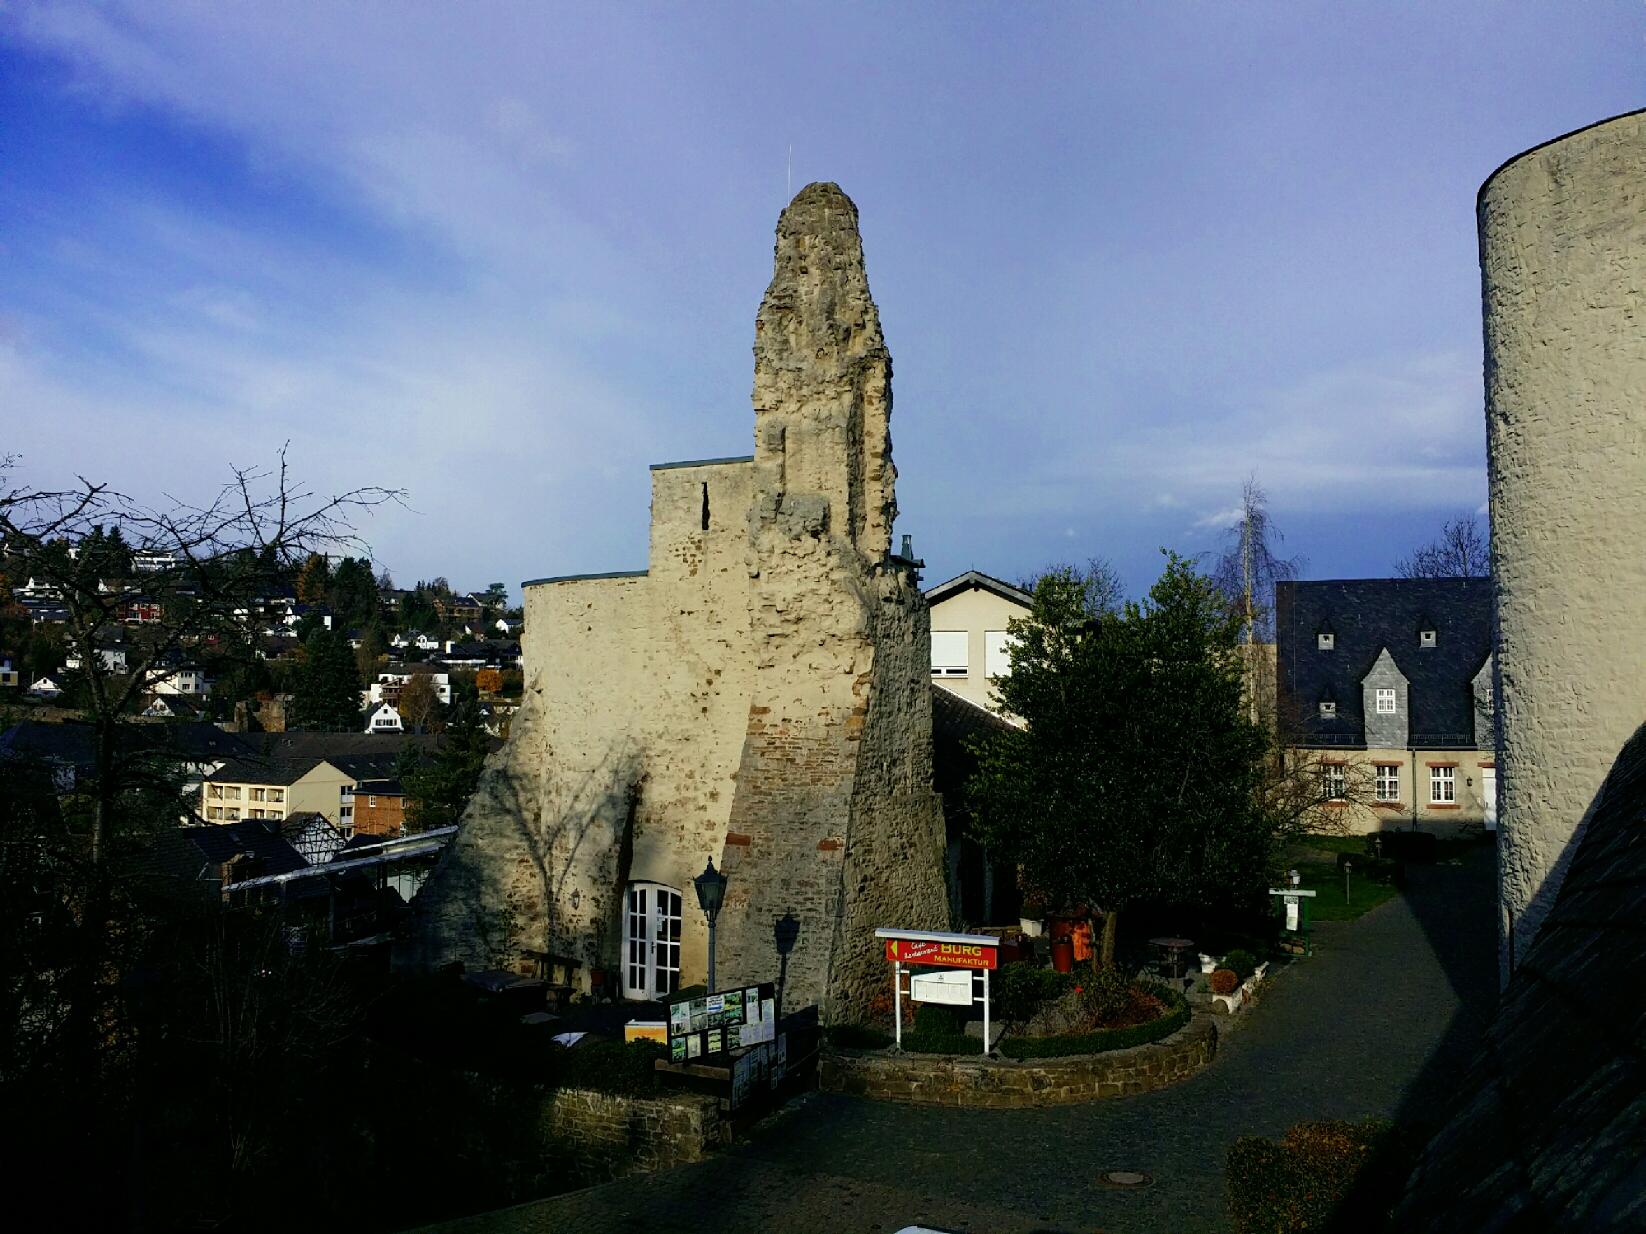 Bad Münstereifel - Burg Restaurant Cafe mit Aussicht auf die Stadt